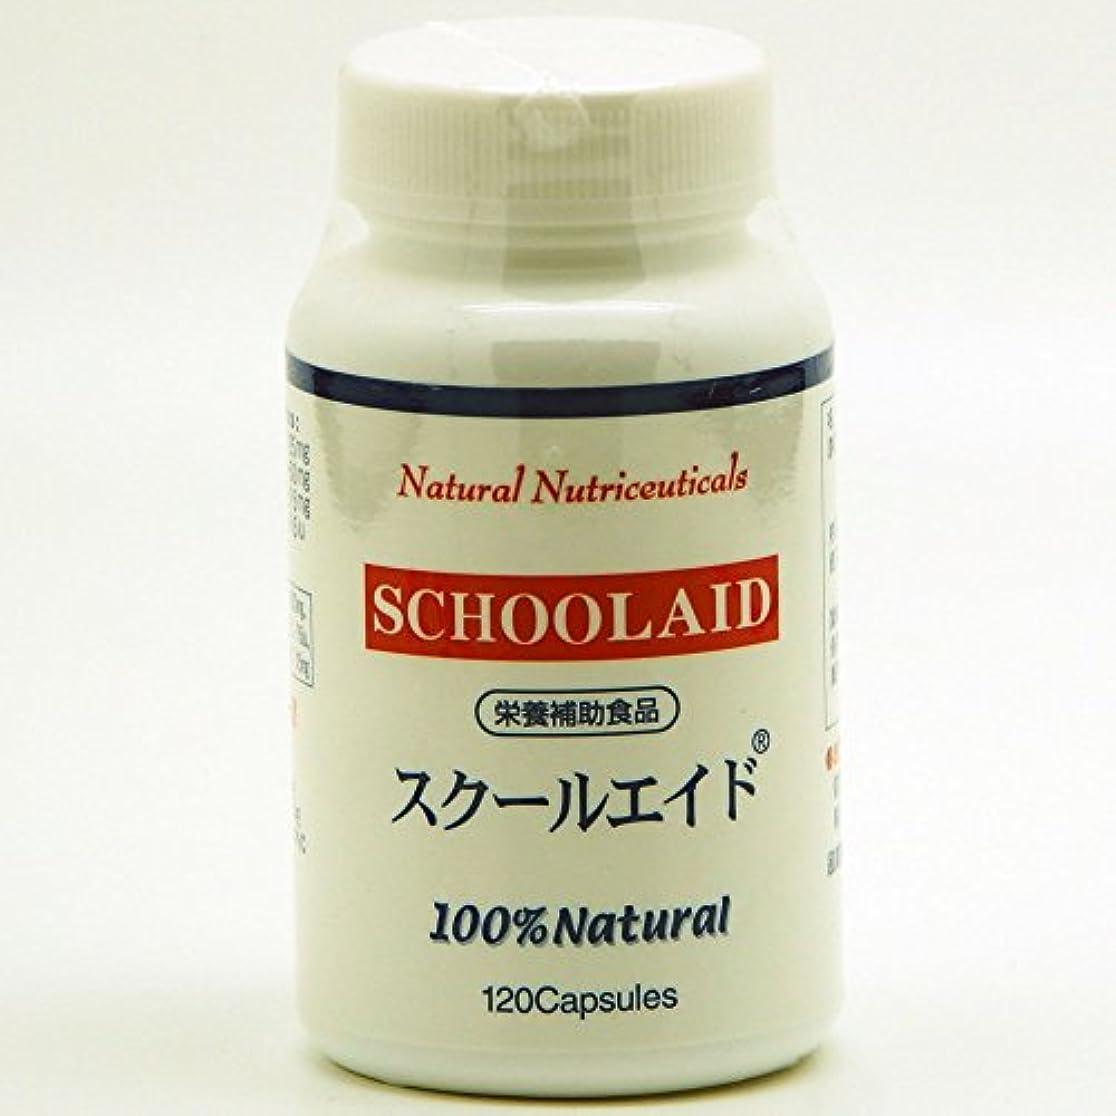 信念絶望的な傷つきやすい日本ファミリーケア スクールエイド 120カプセル